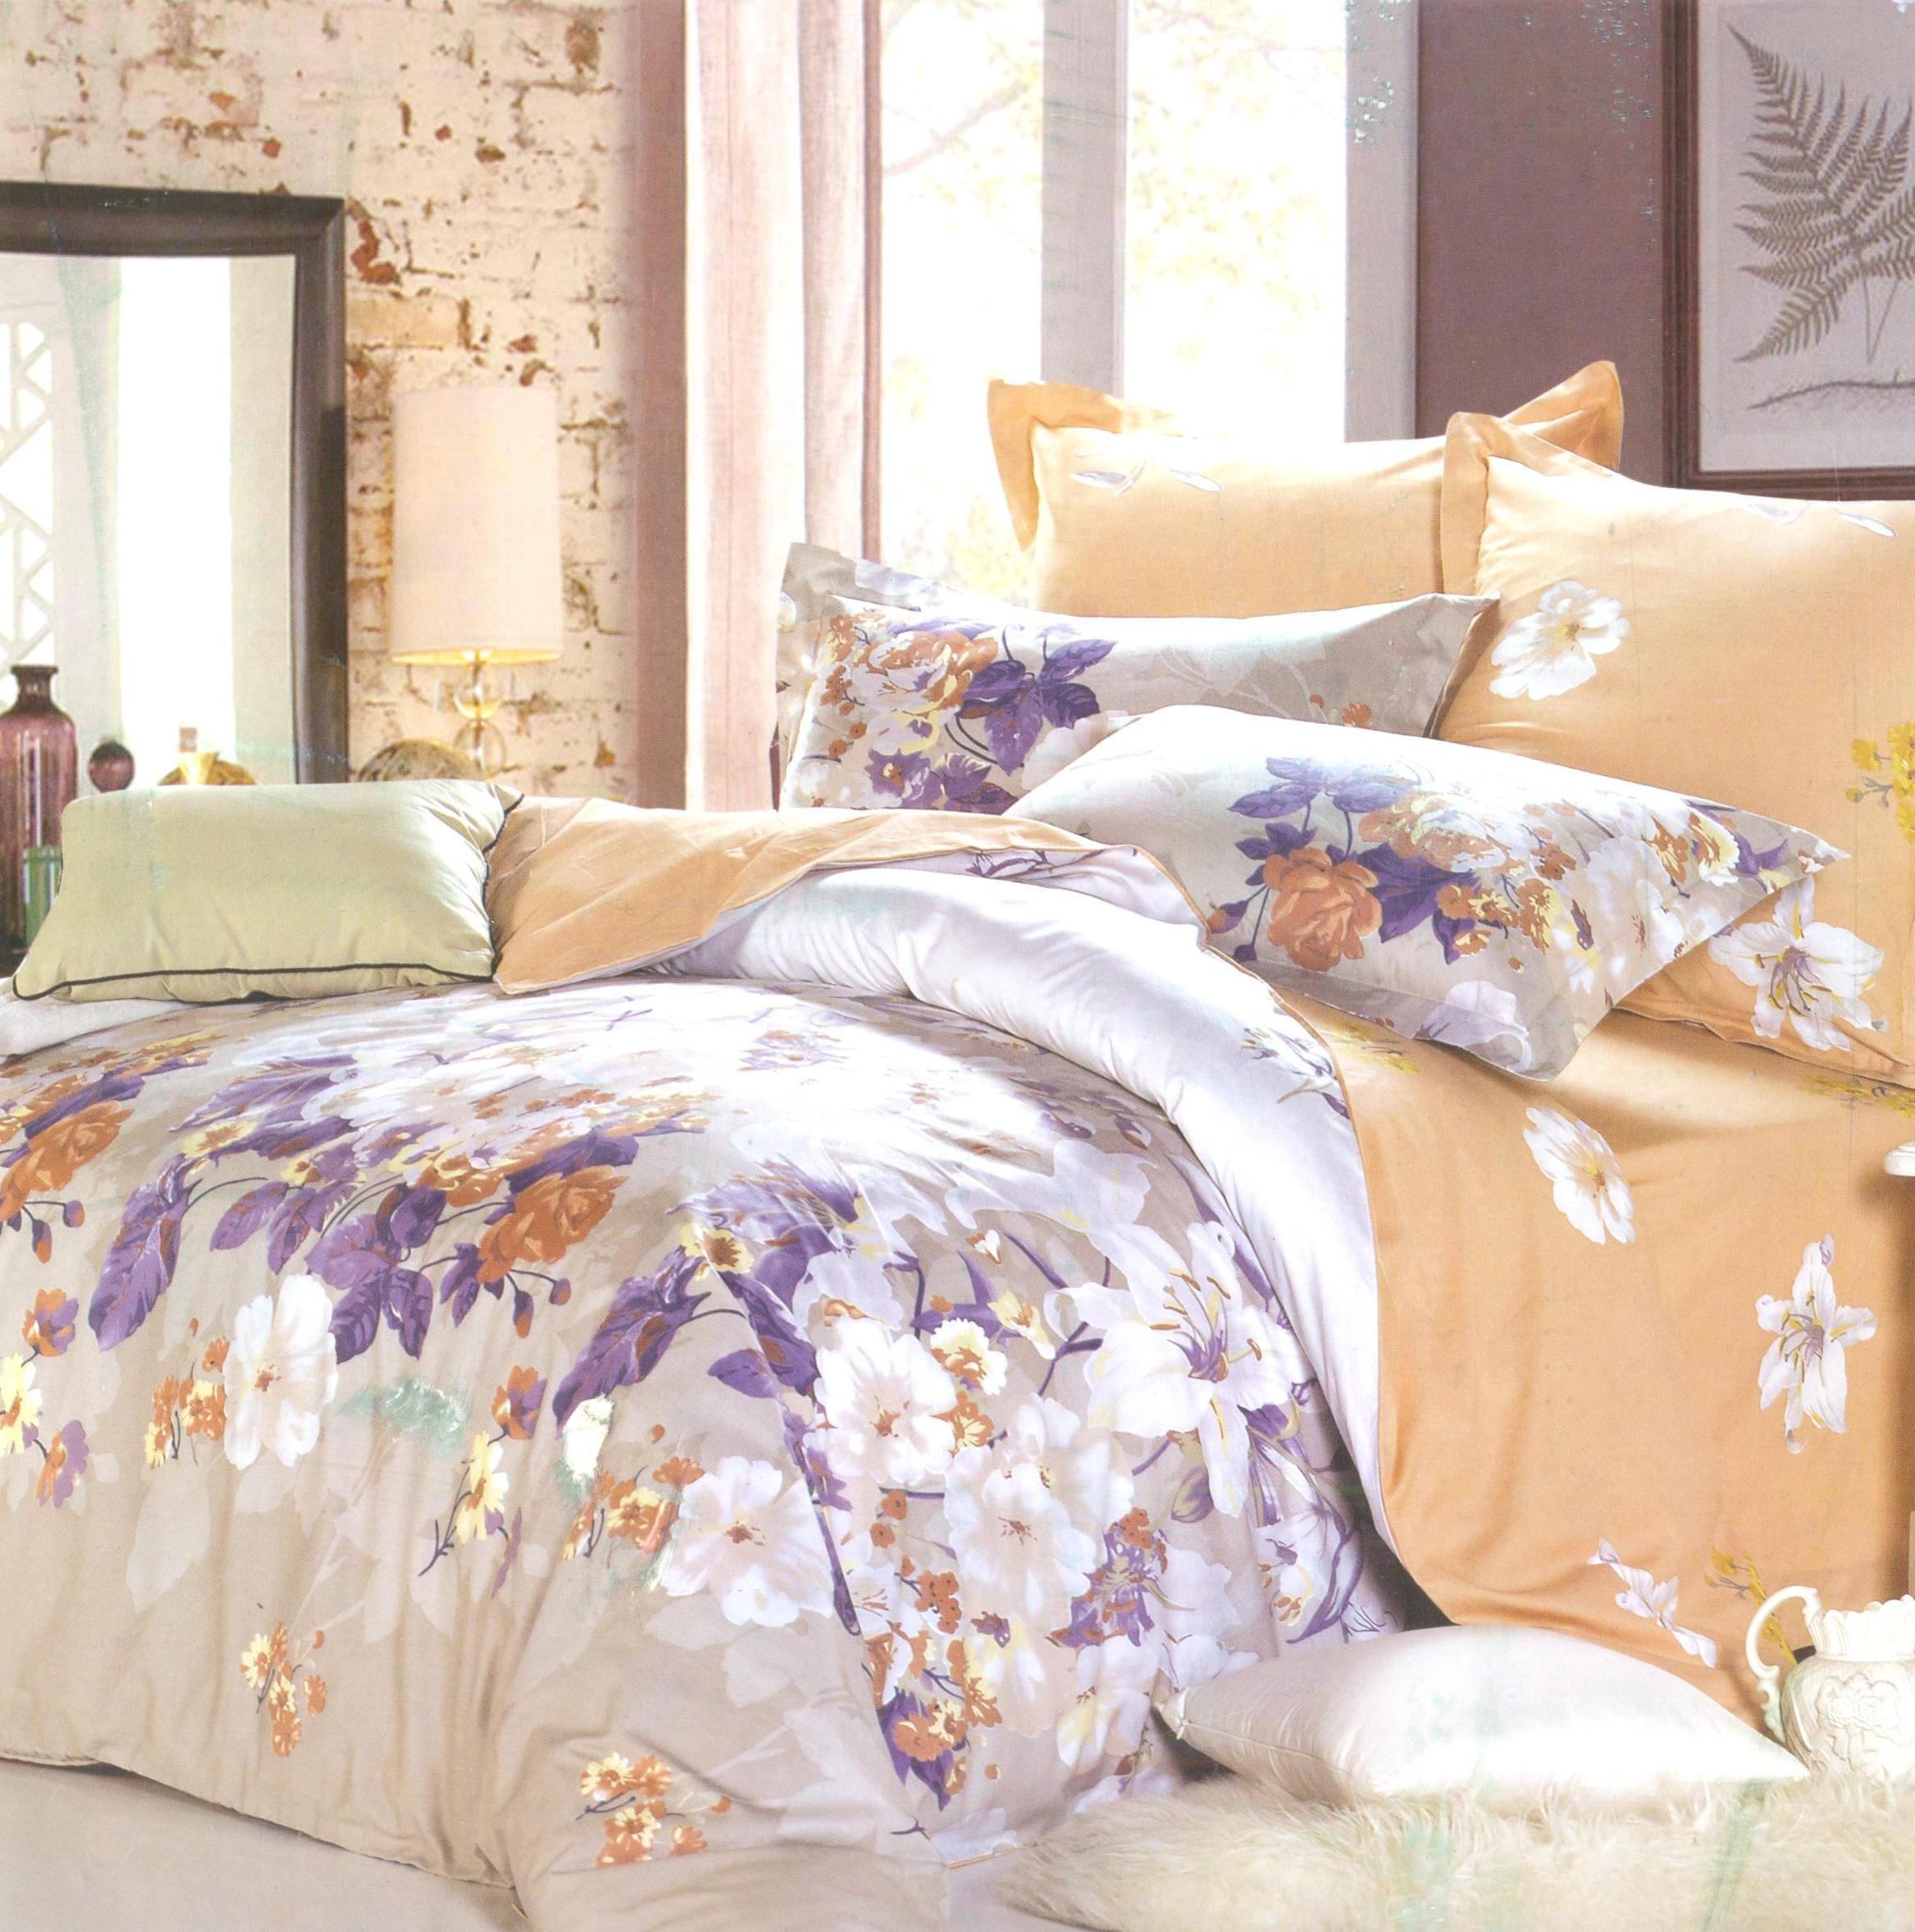 Купить Комплекты постельного белья СайлиД, Постельное белье Riko B-145 (2 спал.), Китай, Кремовый, Хлопковый сатин